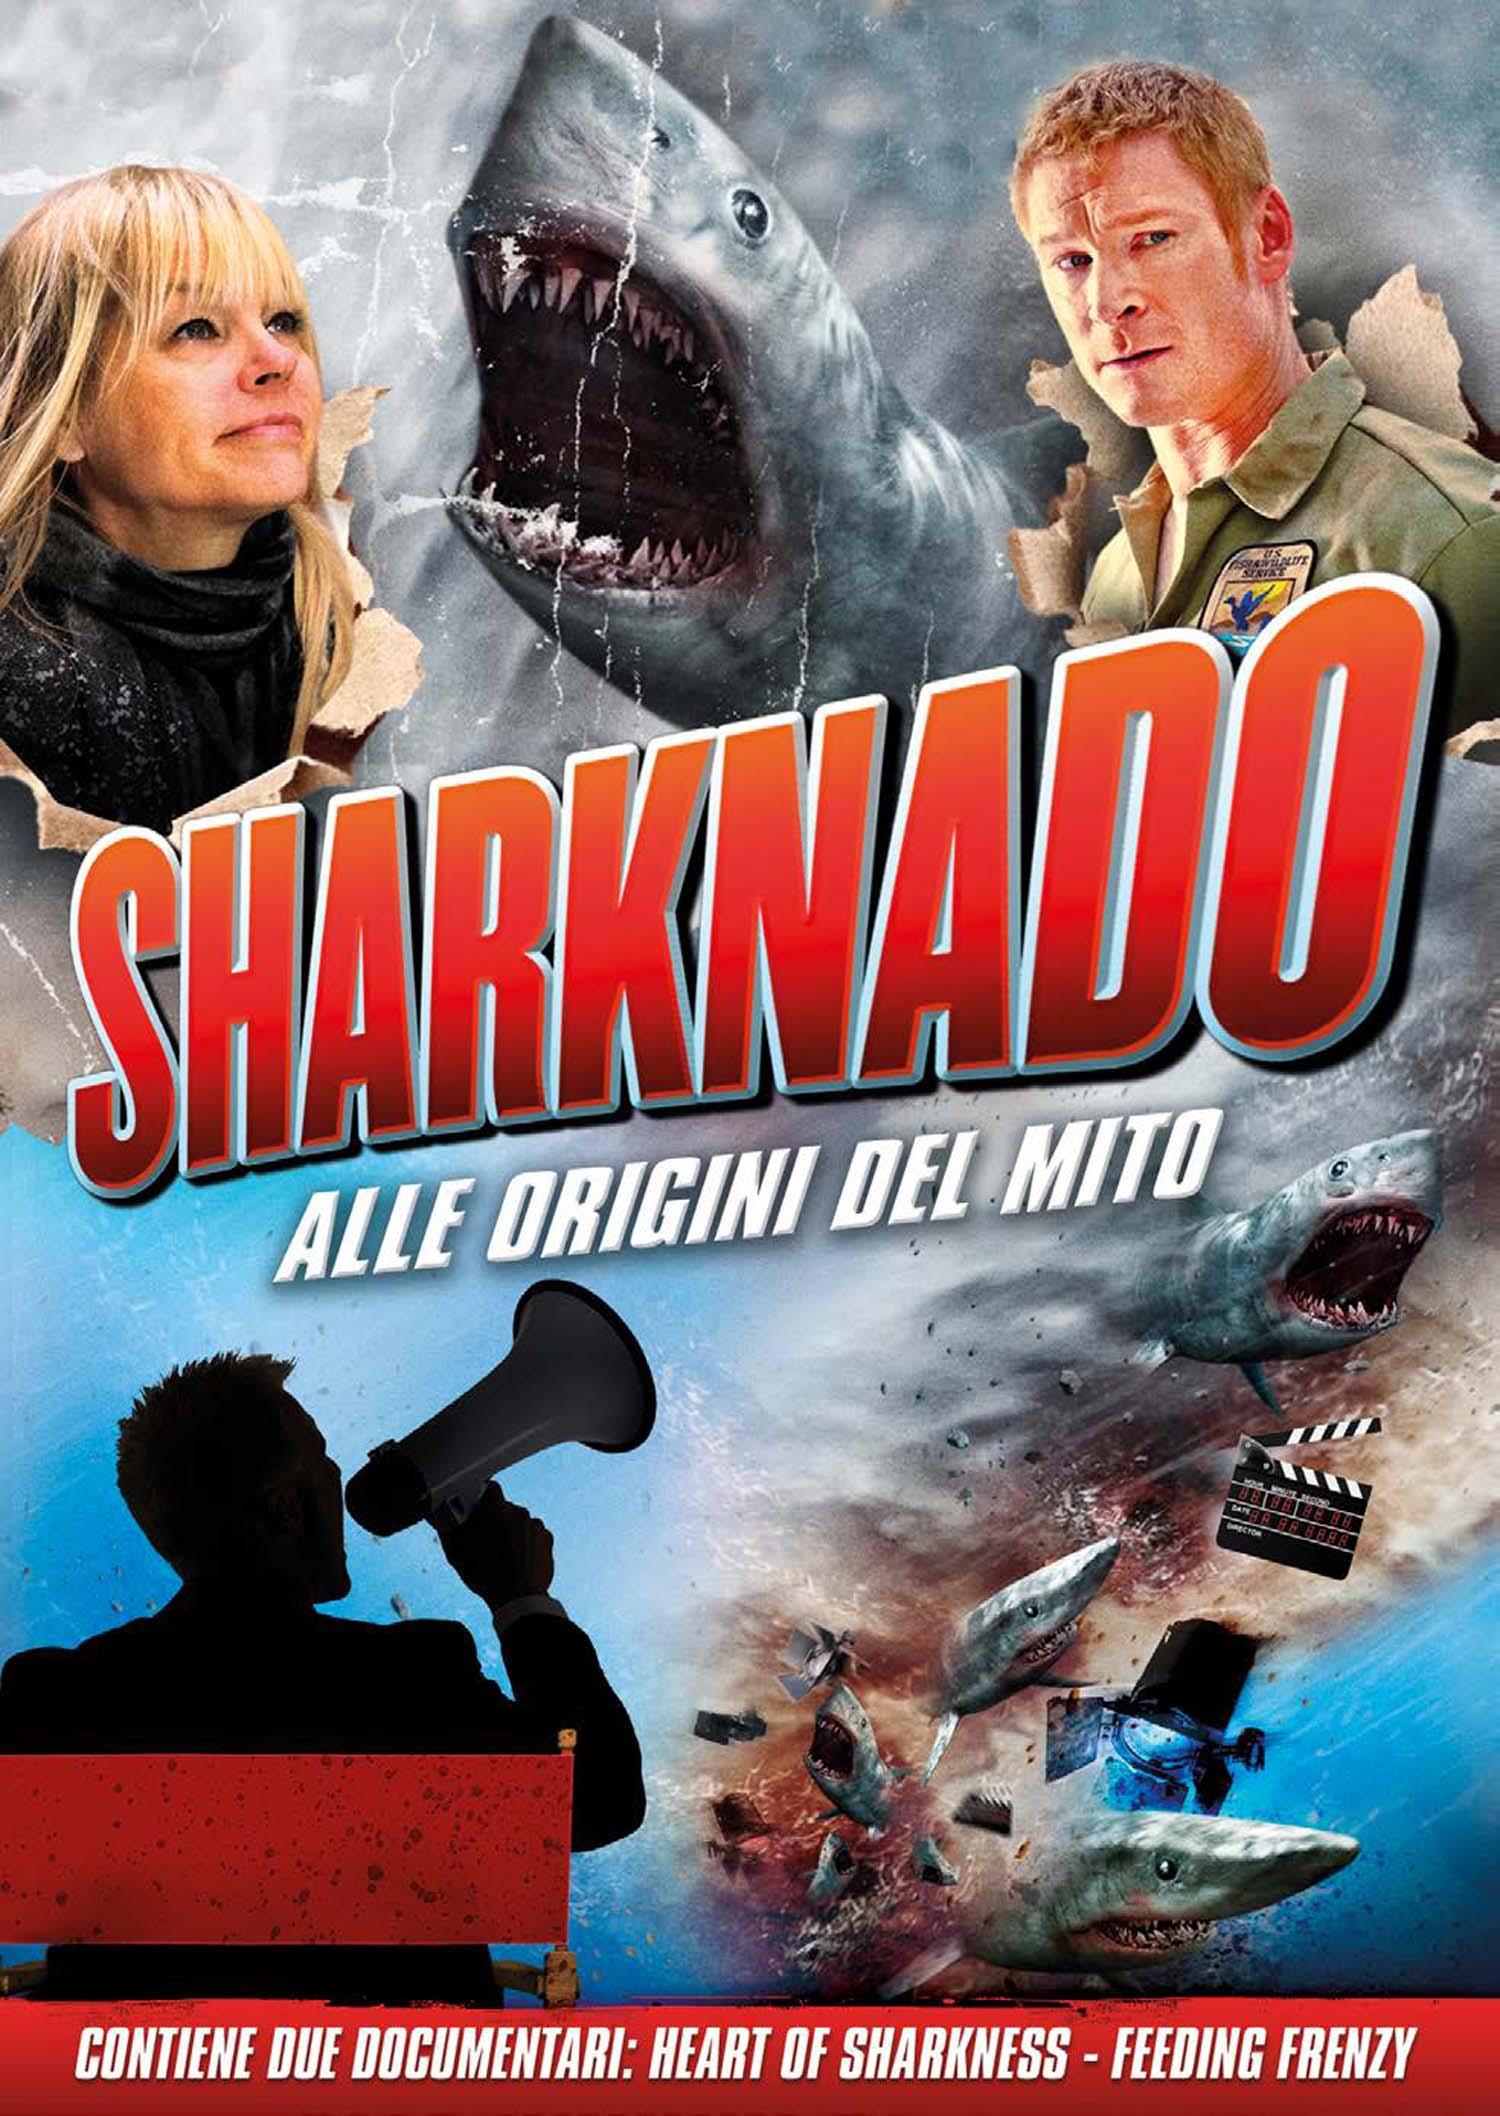 COF.SHARKNADO - ALLE ORIGINI DEL MITO (2 DVD) (DVD)